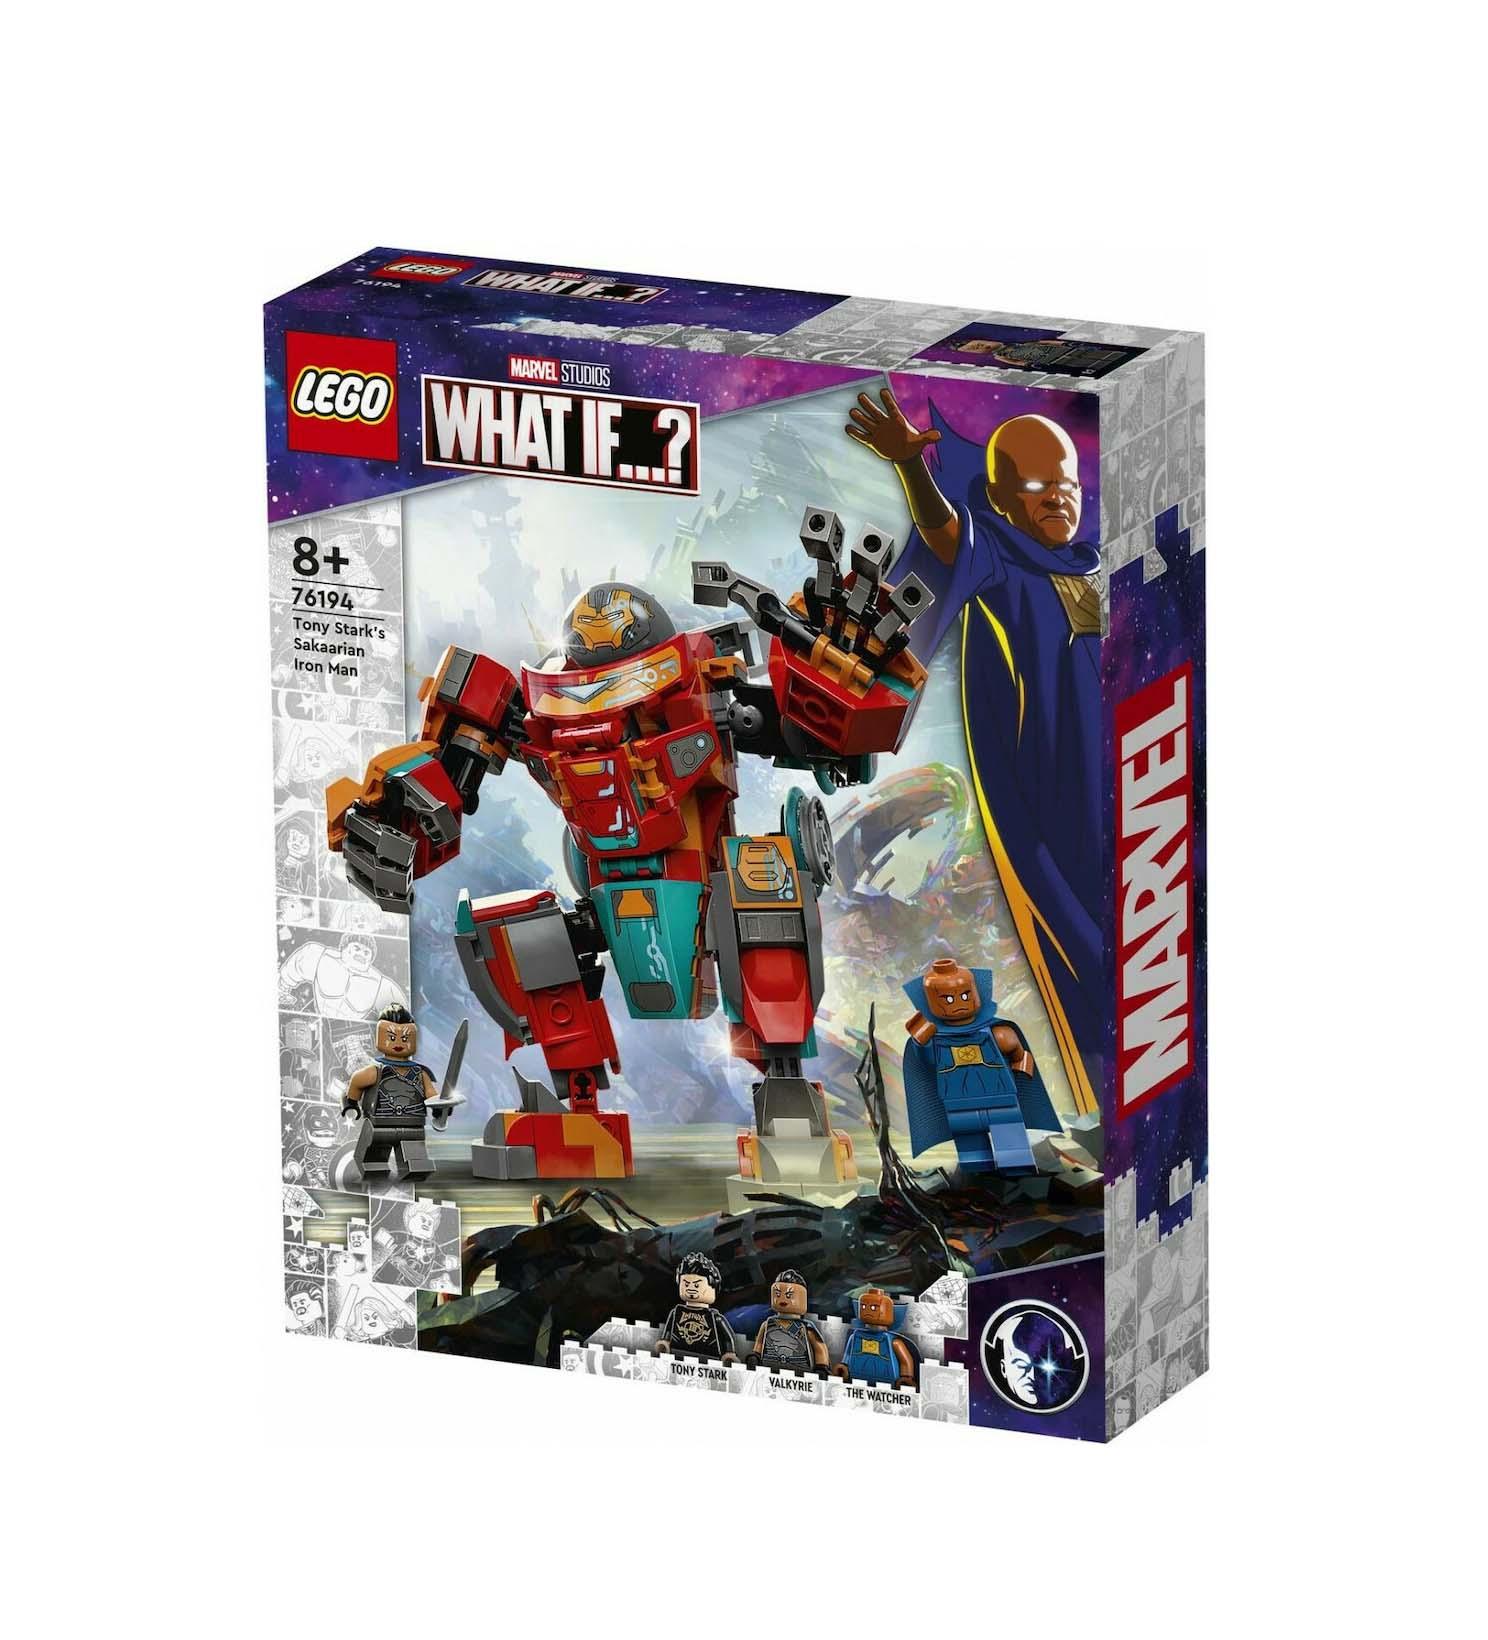 Lego : Tony Stark's Sakaarian Iron Man 76194